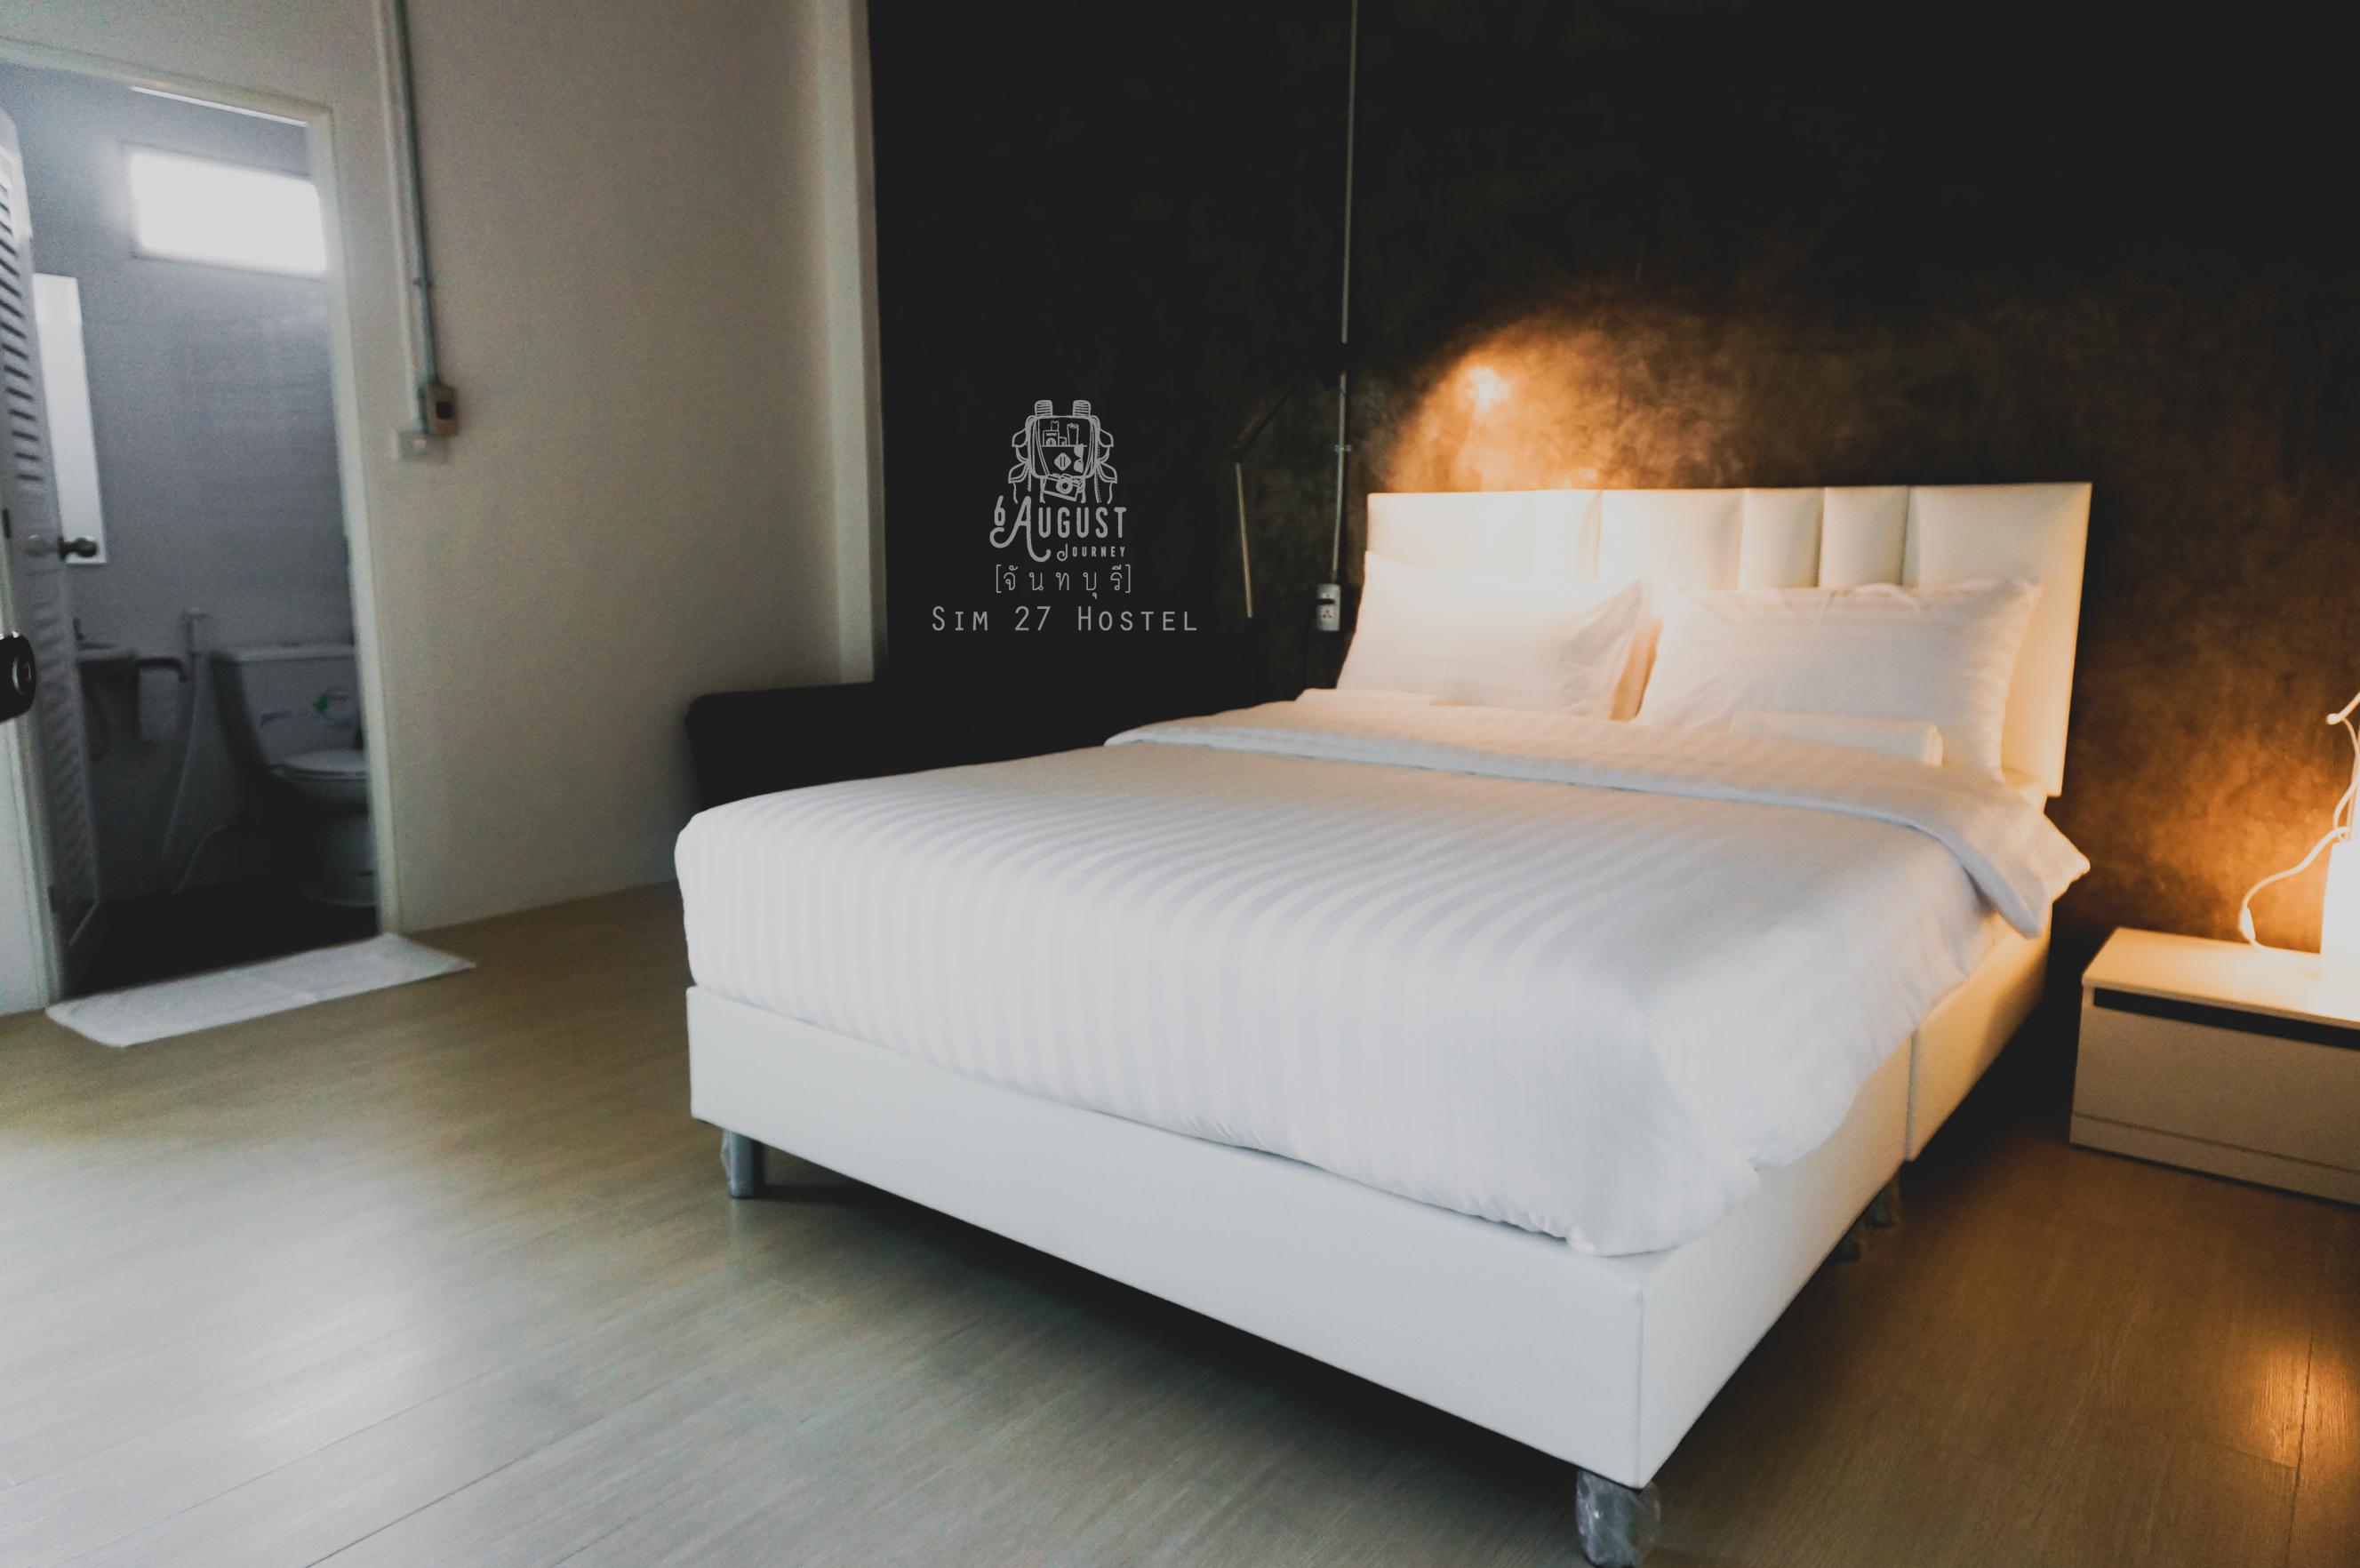 ห้อง 2 คนแบบเตียงเดี่ยว